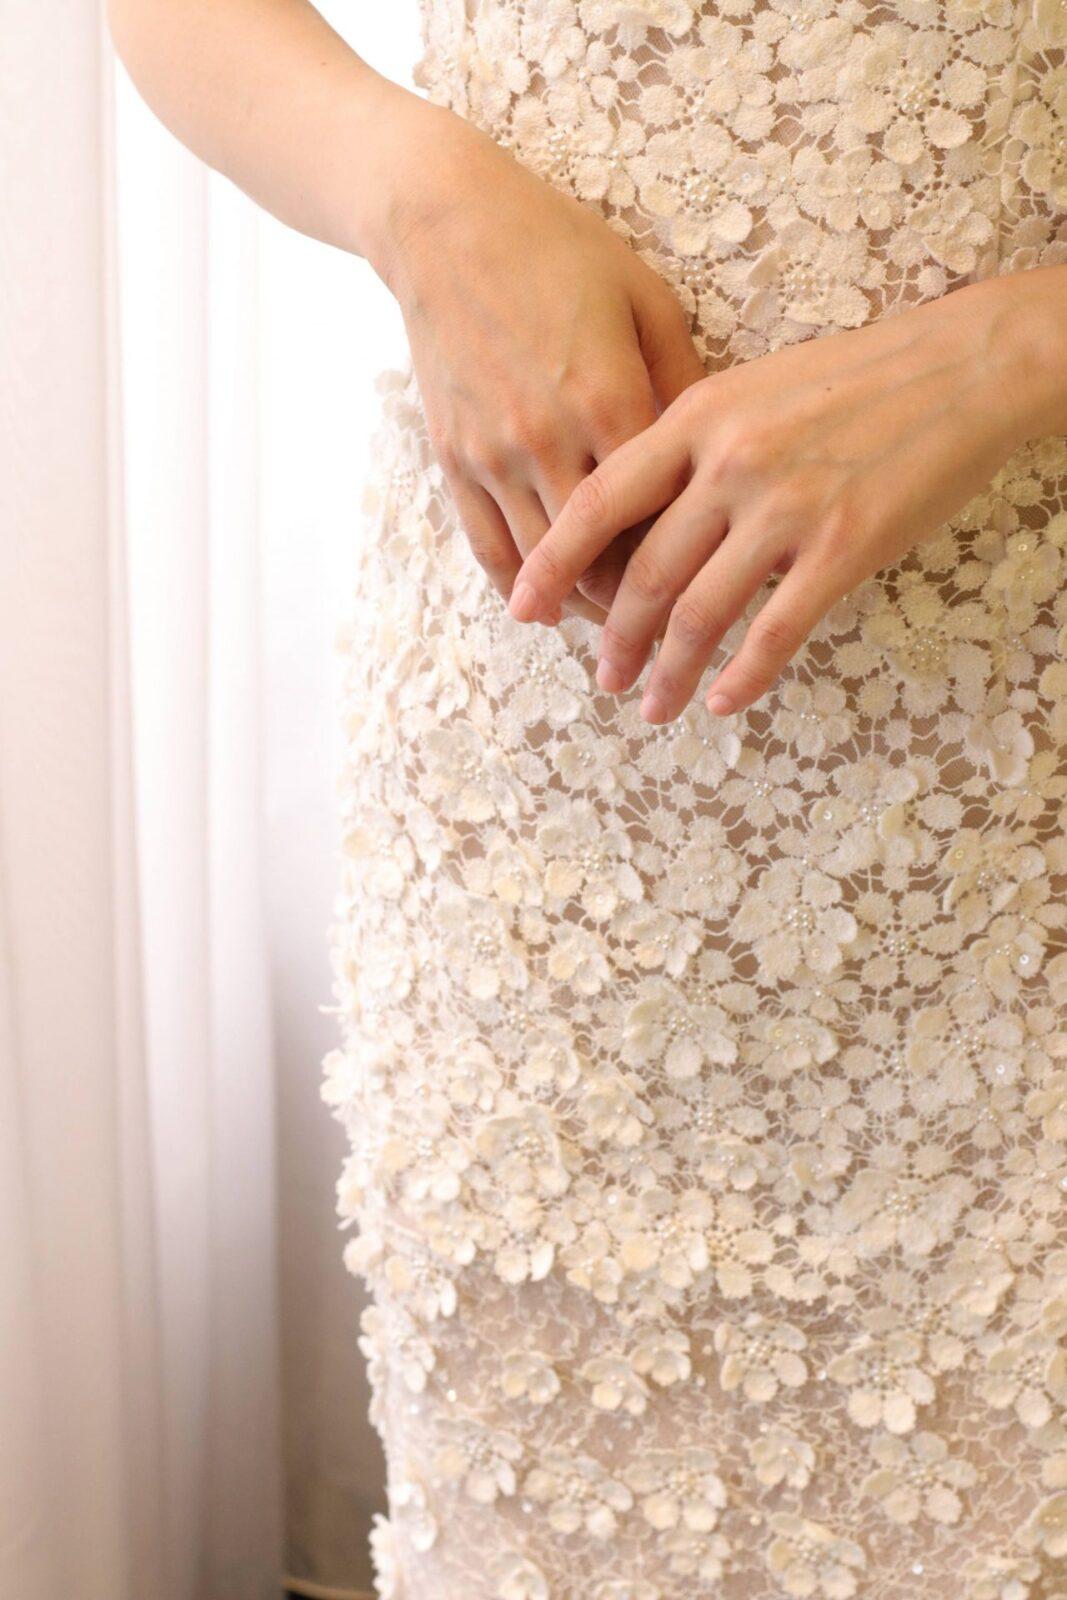 日本の花嫁様に人気のフラワーモチーフのウェディングドレスは、そのひとつひとつの立体的に縫い付けられたお花のモチーフが女性らしい可愛らしさと柔らかさを演出します